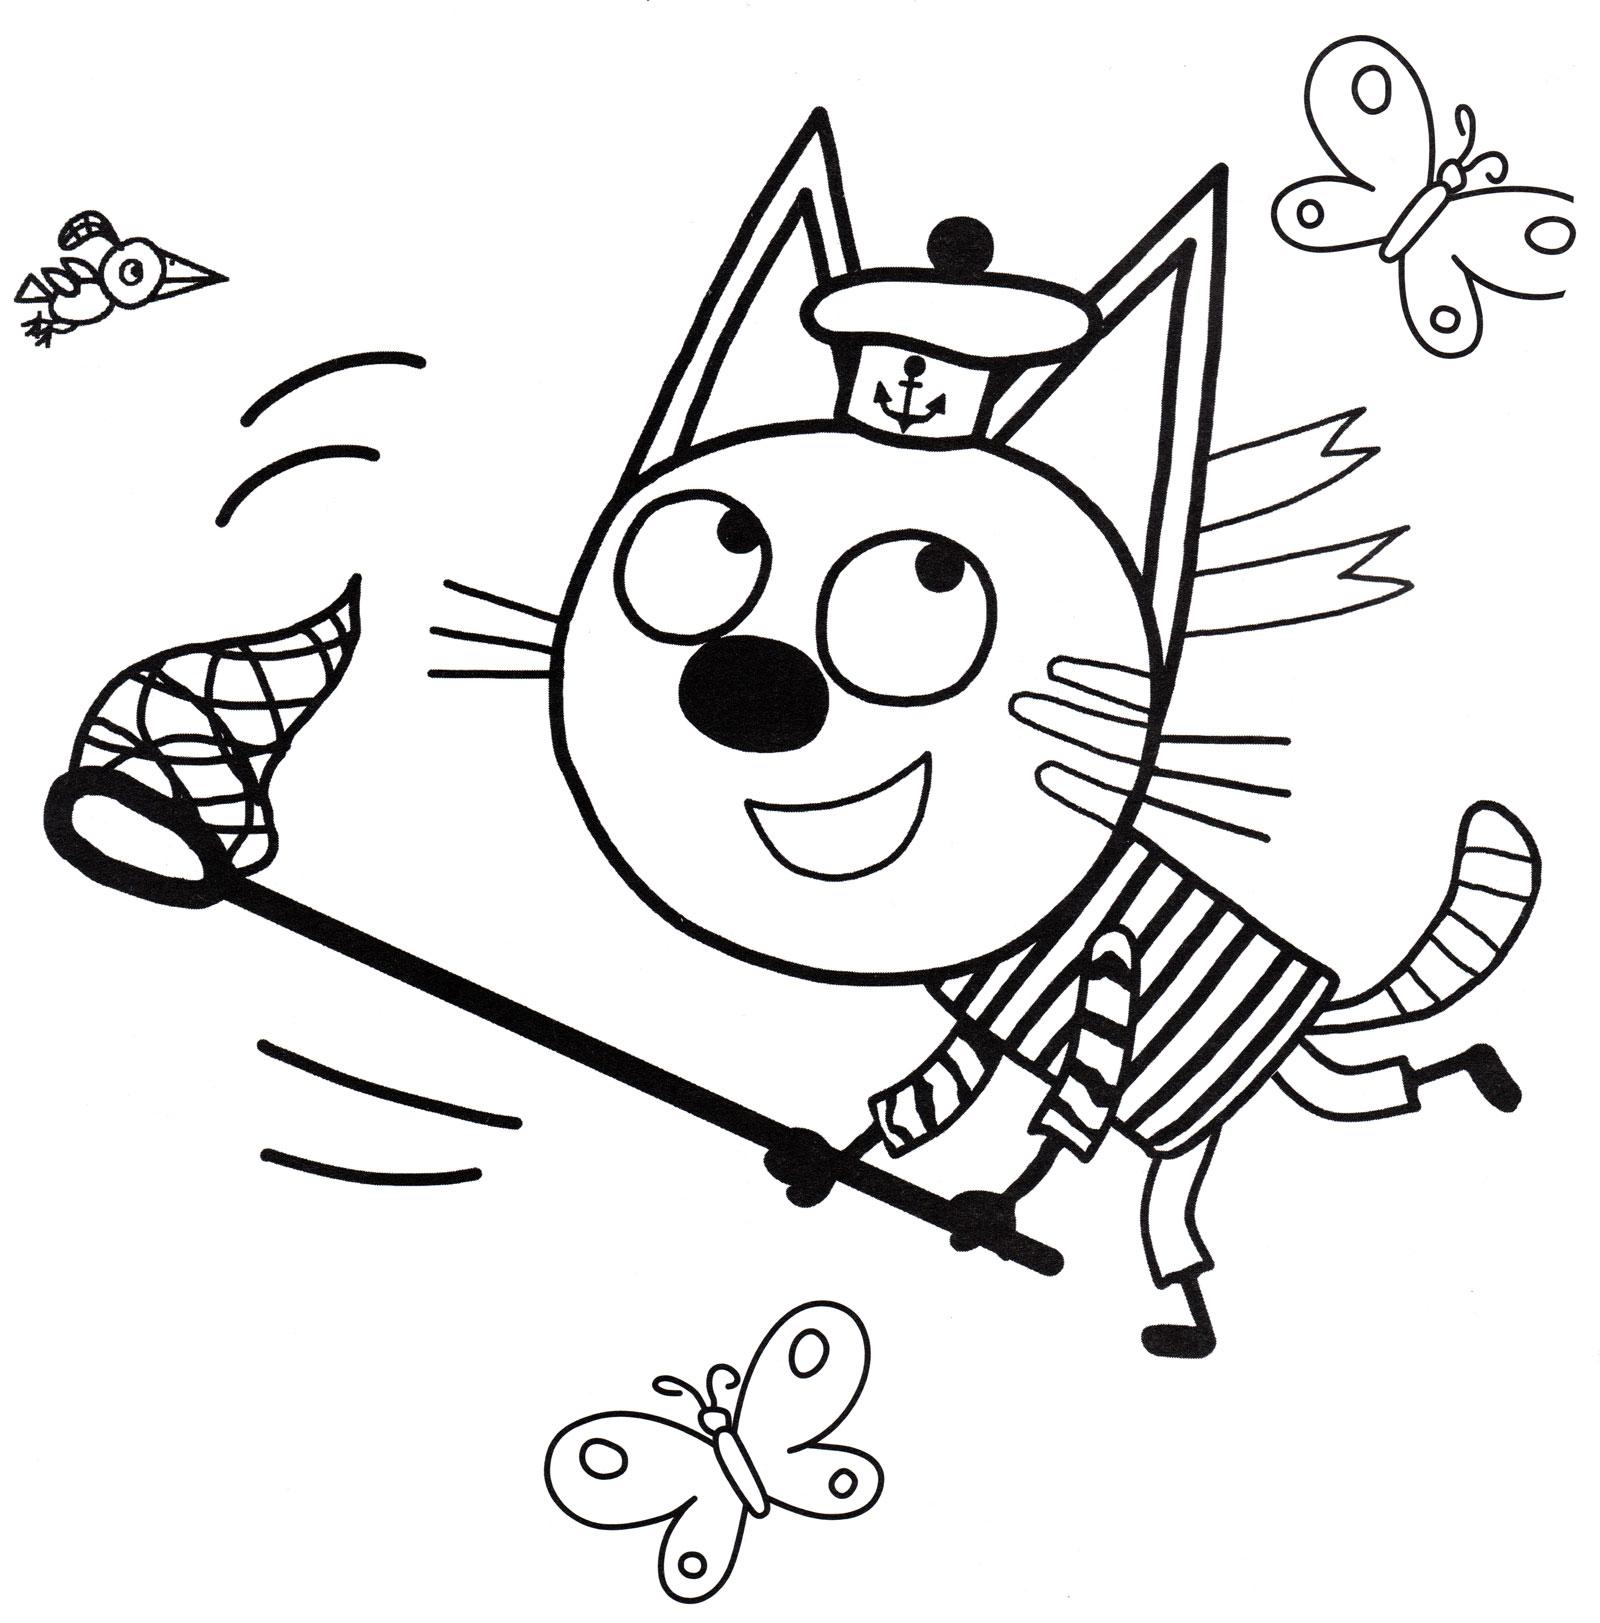 Раскраска Коржик ловит бабочек | Раскраски Три кота